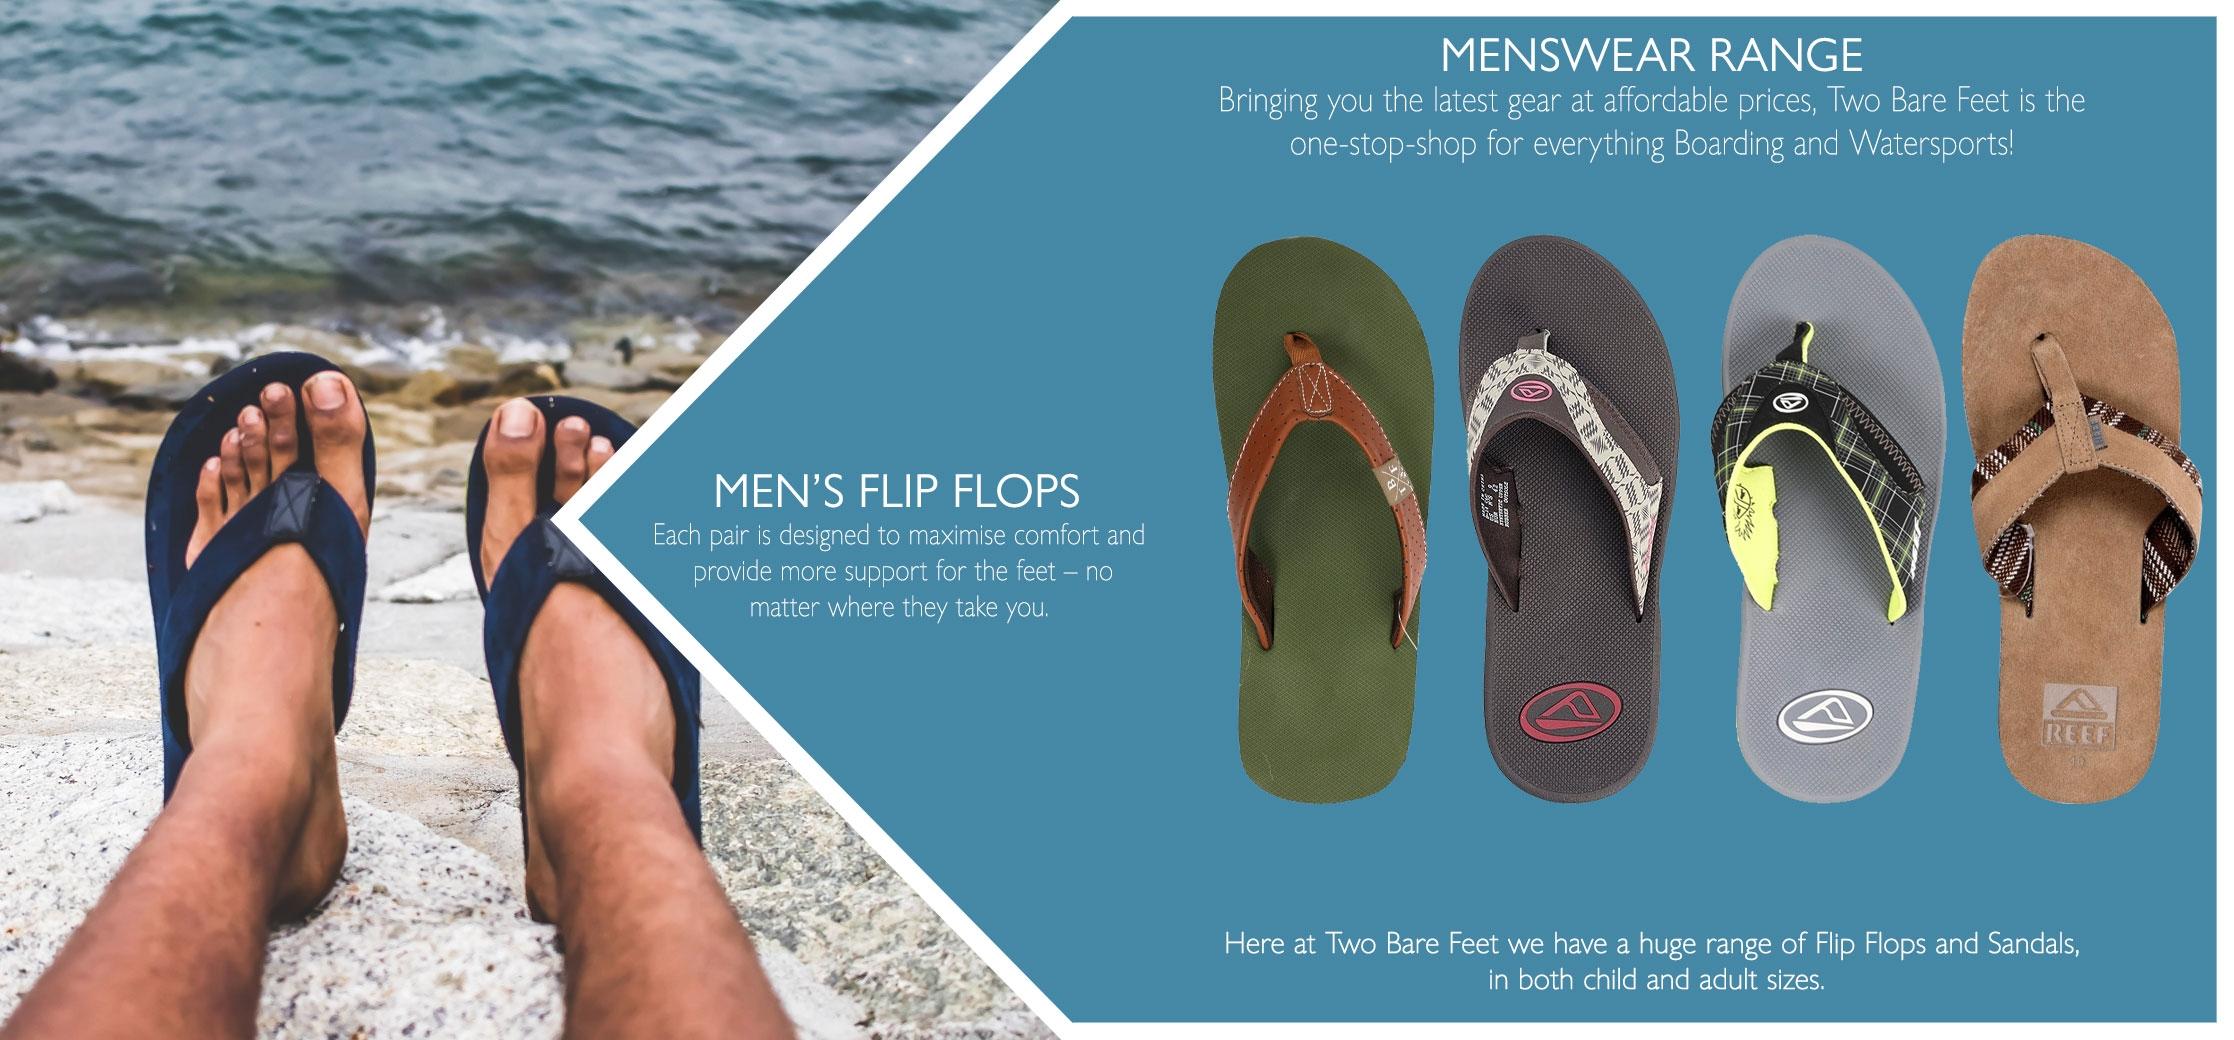 UK men's beach flip flops & sandals